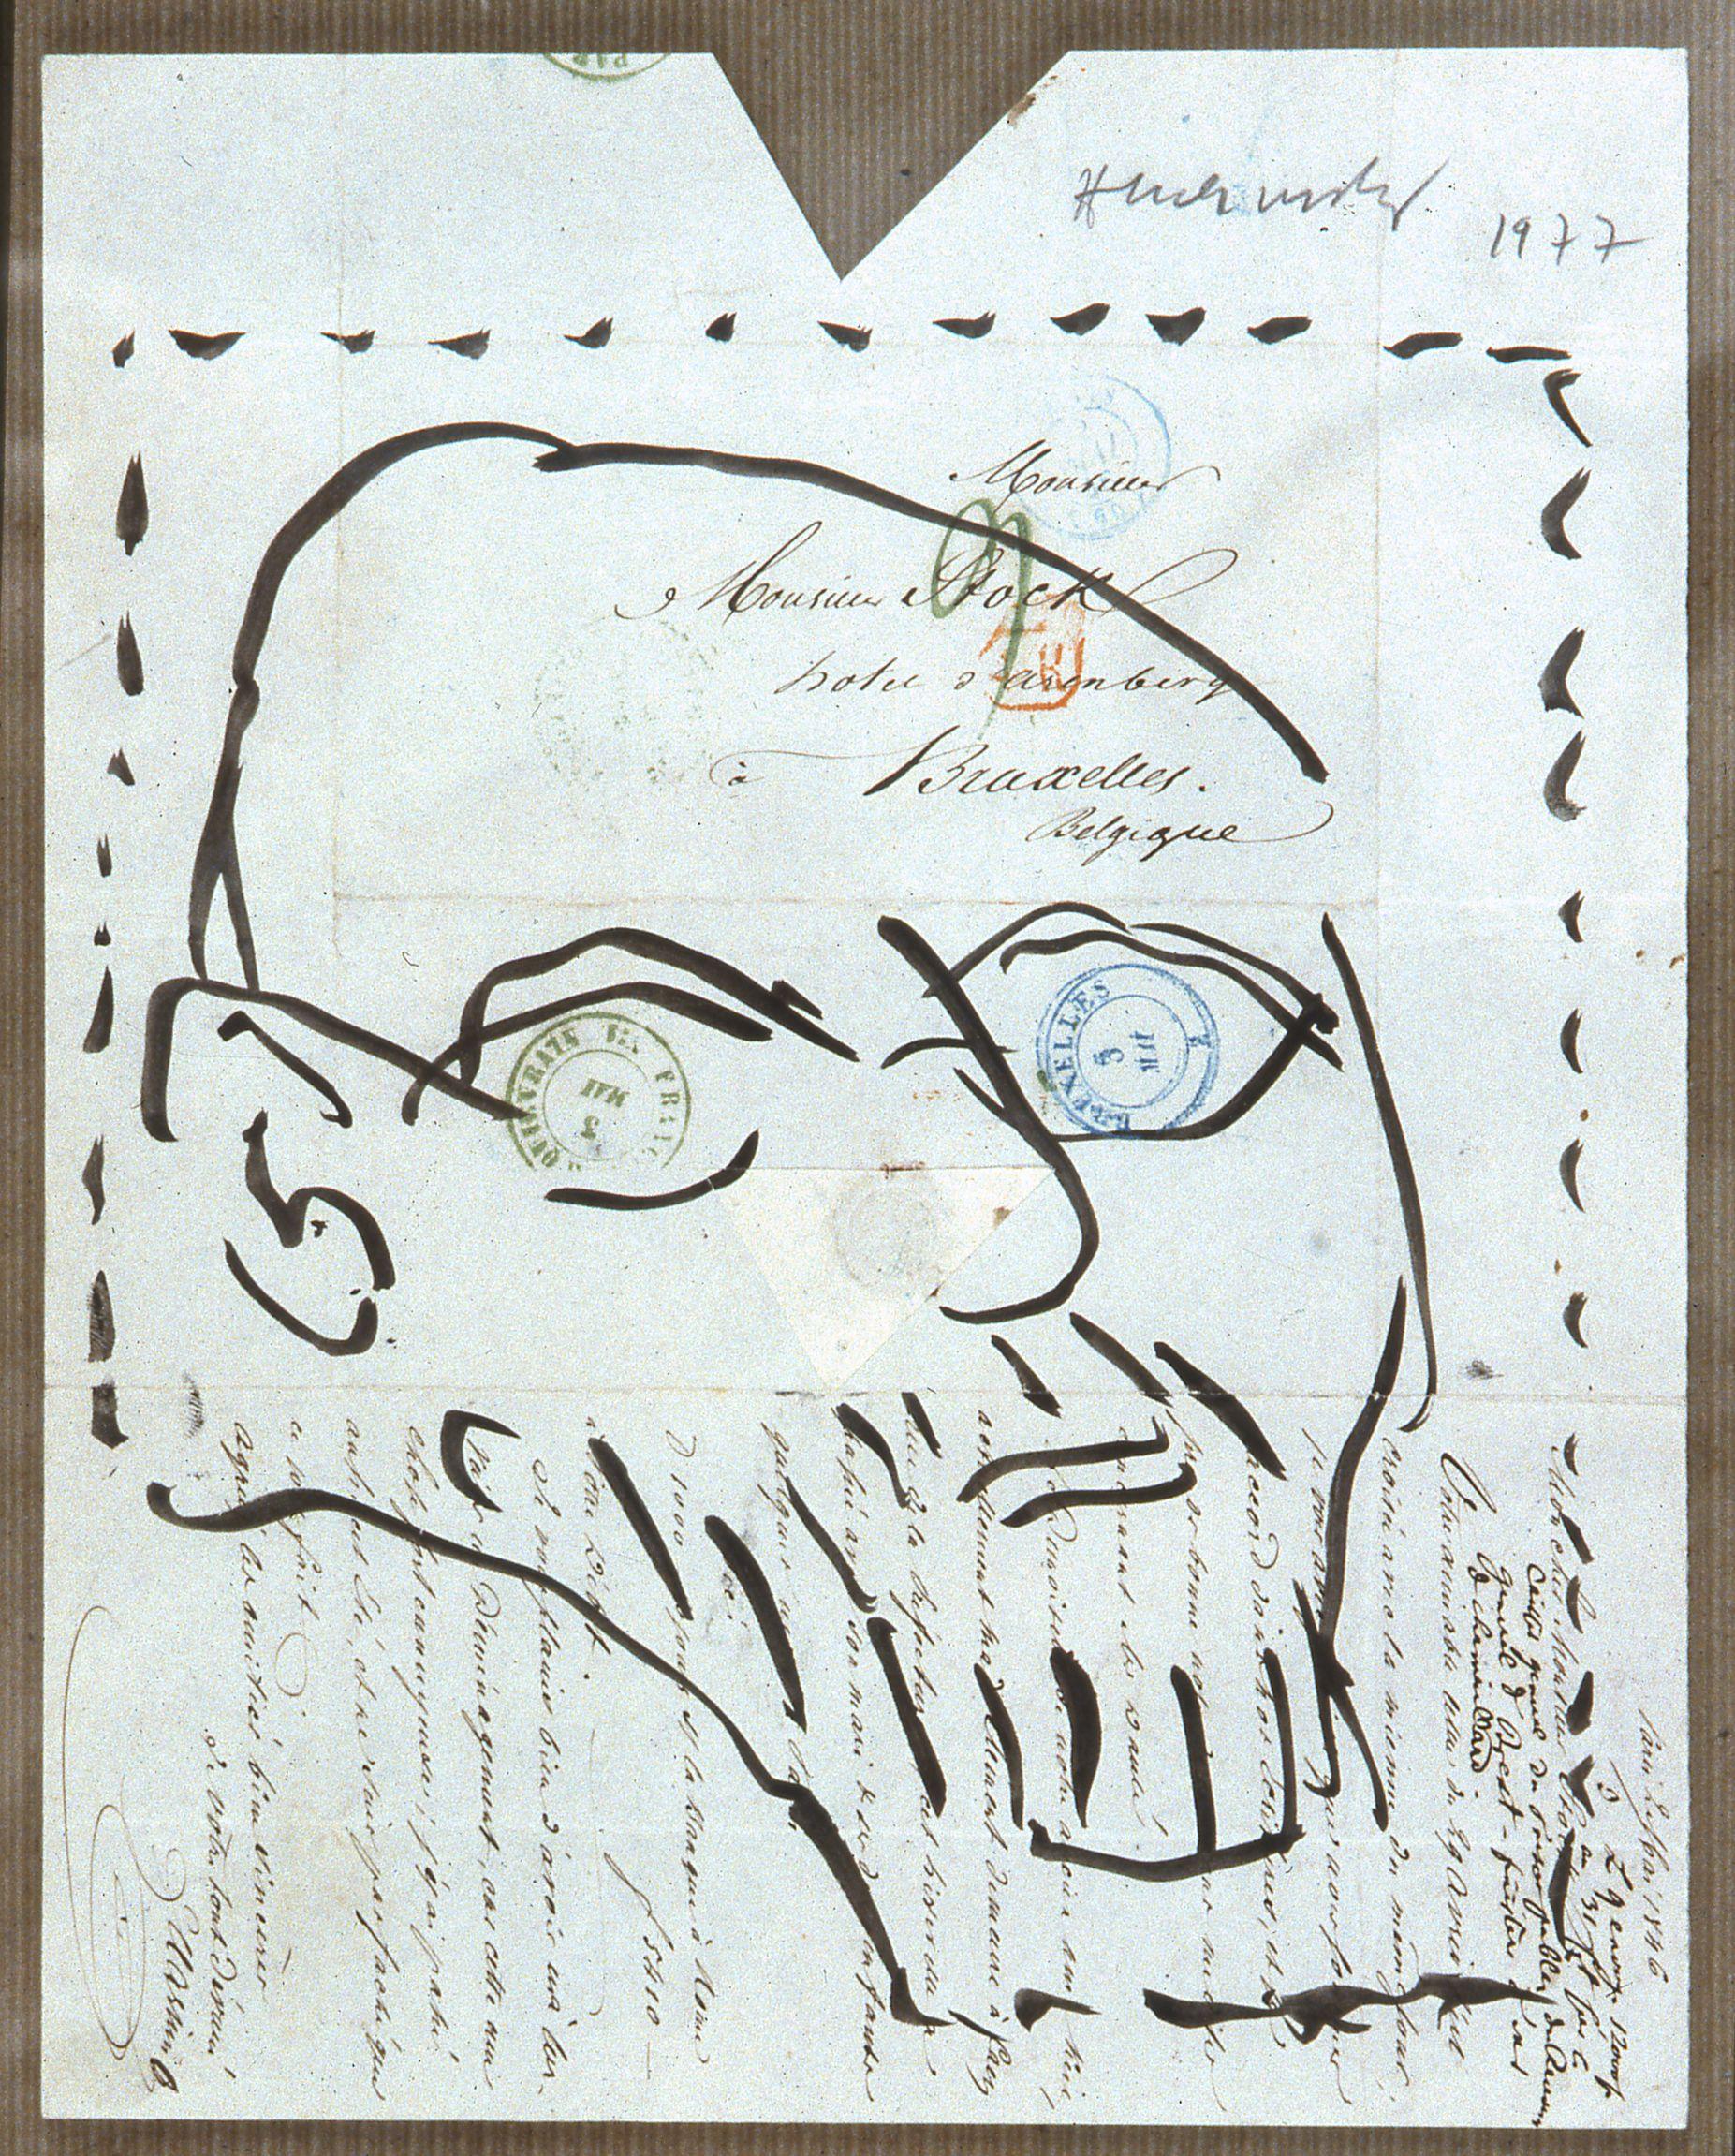 Dessin Sur Lettre Alechinsky 1977 Ladresse Musée De La Poste La